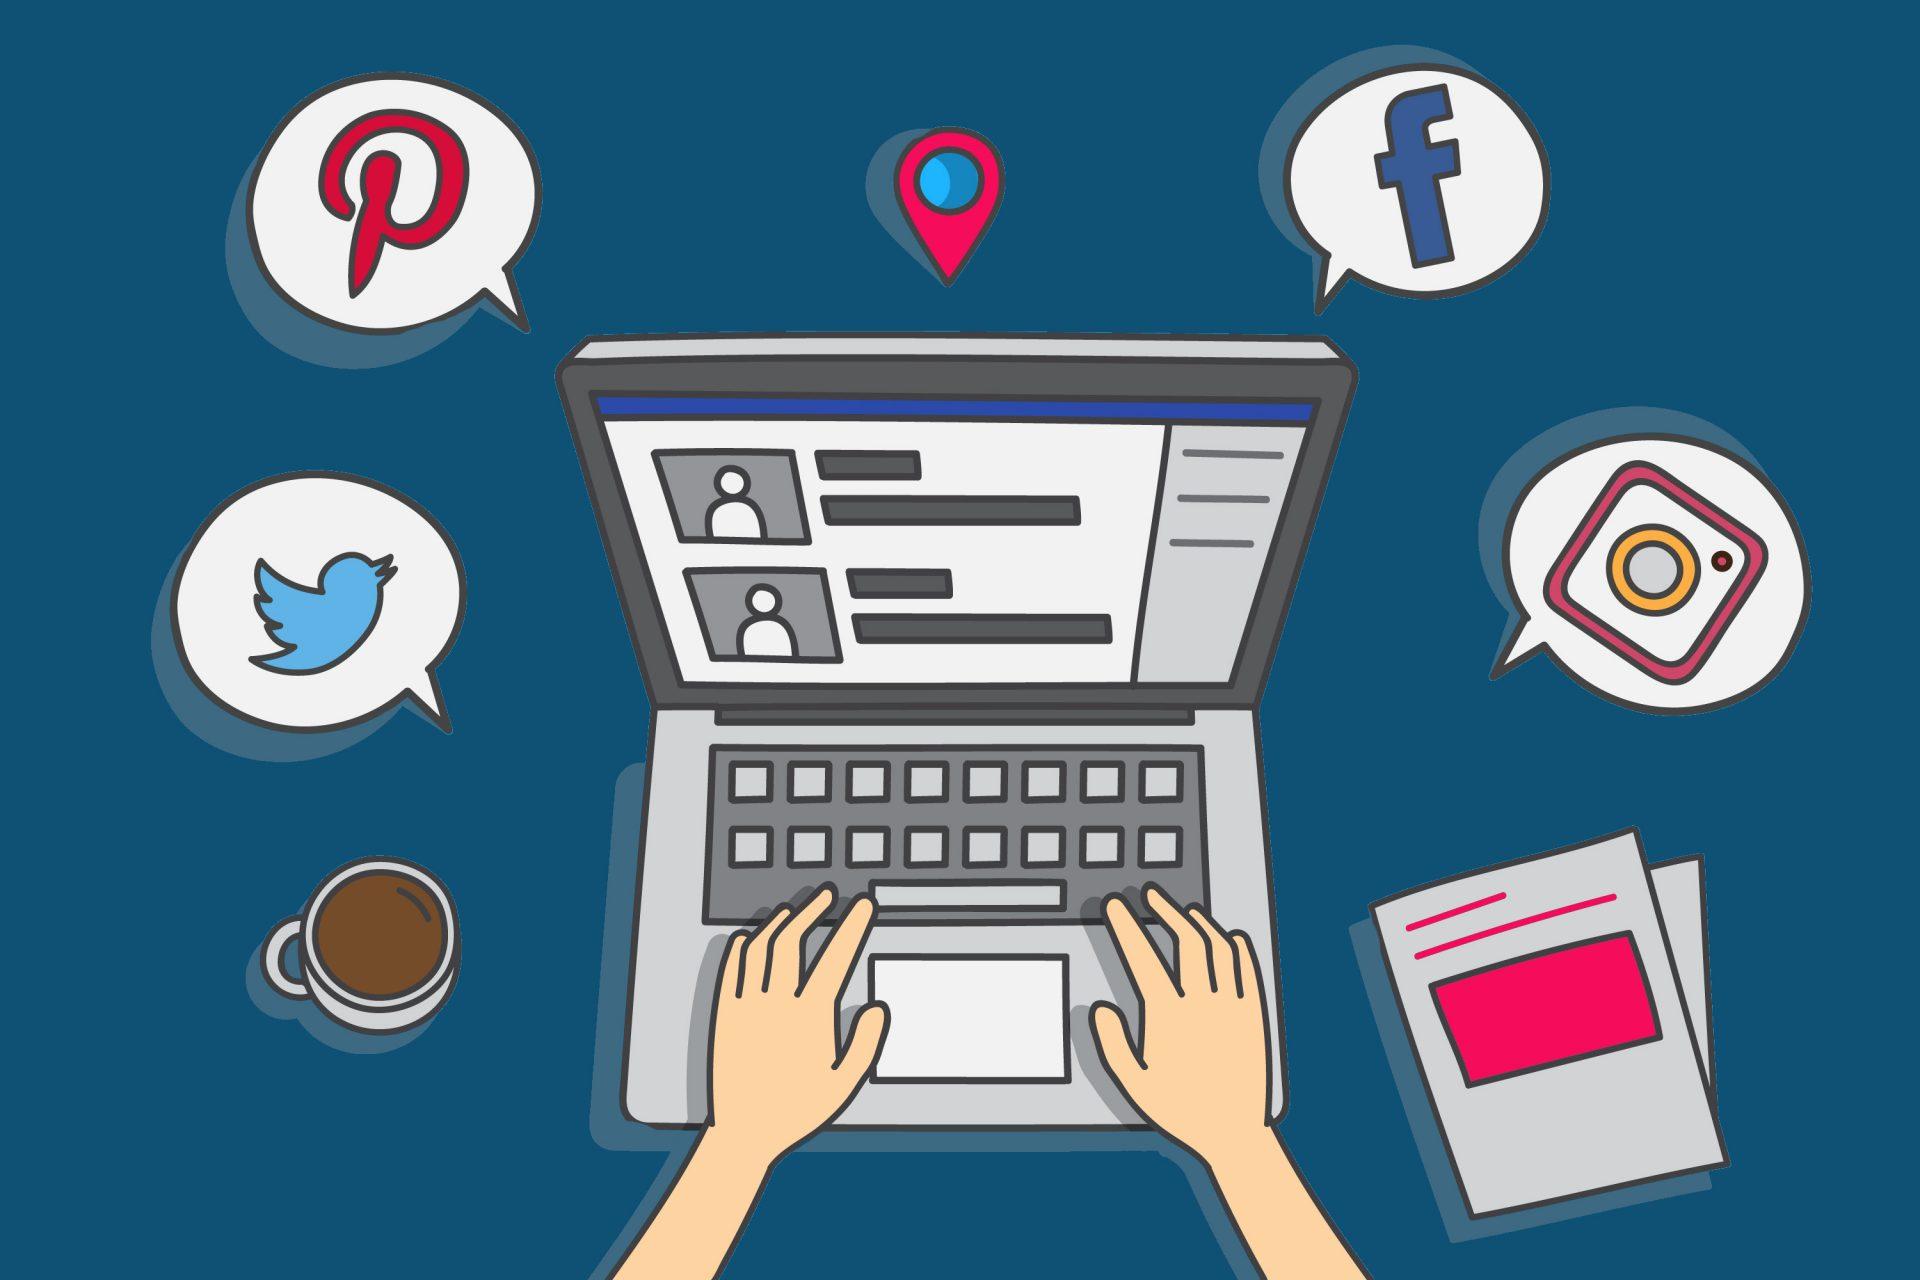 redes sociais ilustração de mãos digitando